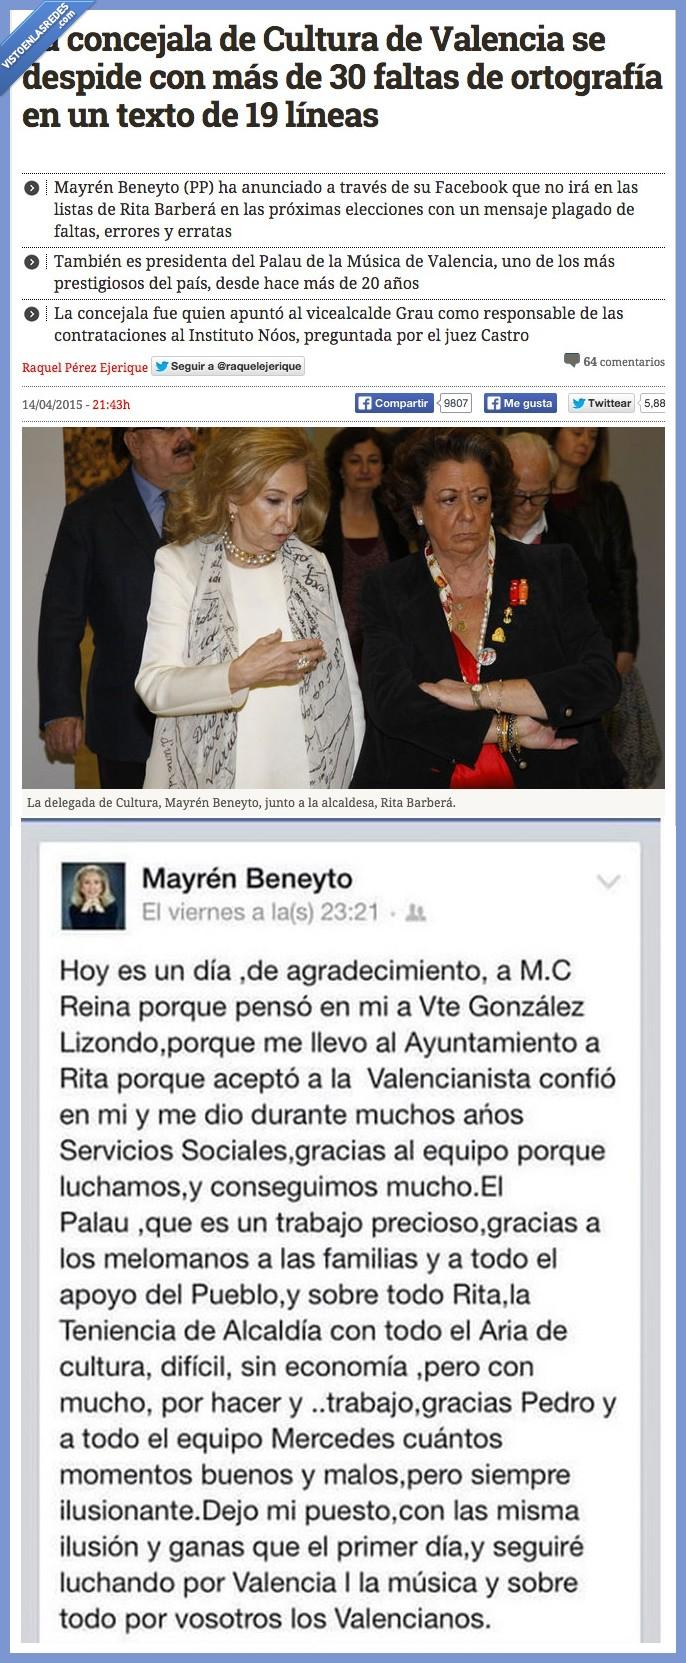 cultura,error,falta,lista,Mayrén Beneyto,me sangran los ojos,ortografía,Rita Barberá,tonta